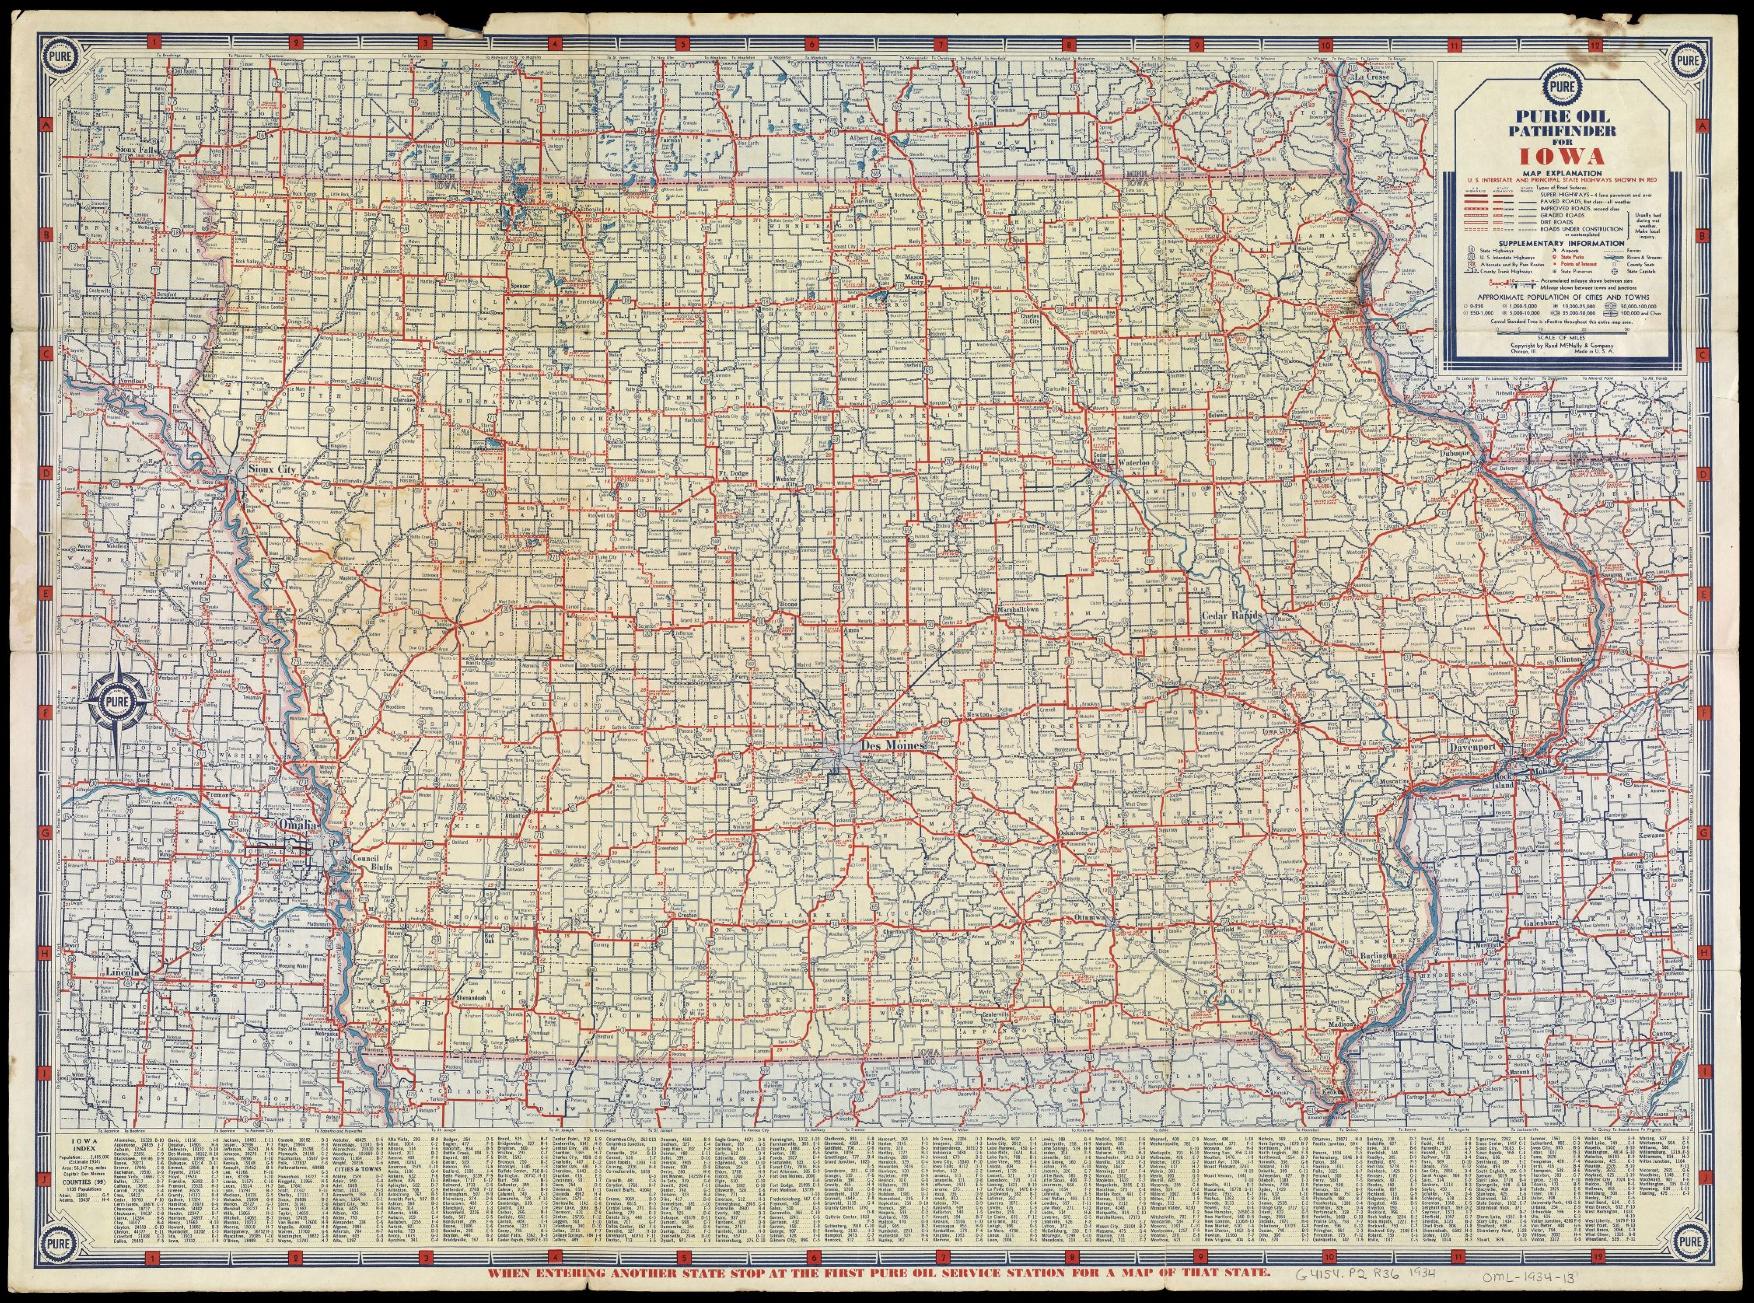 Iowa Road Map 1930 httpwwwoshermapsorgmap120460001